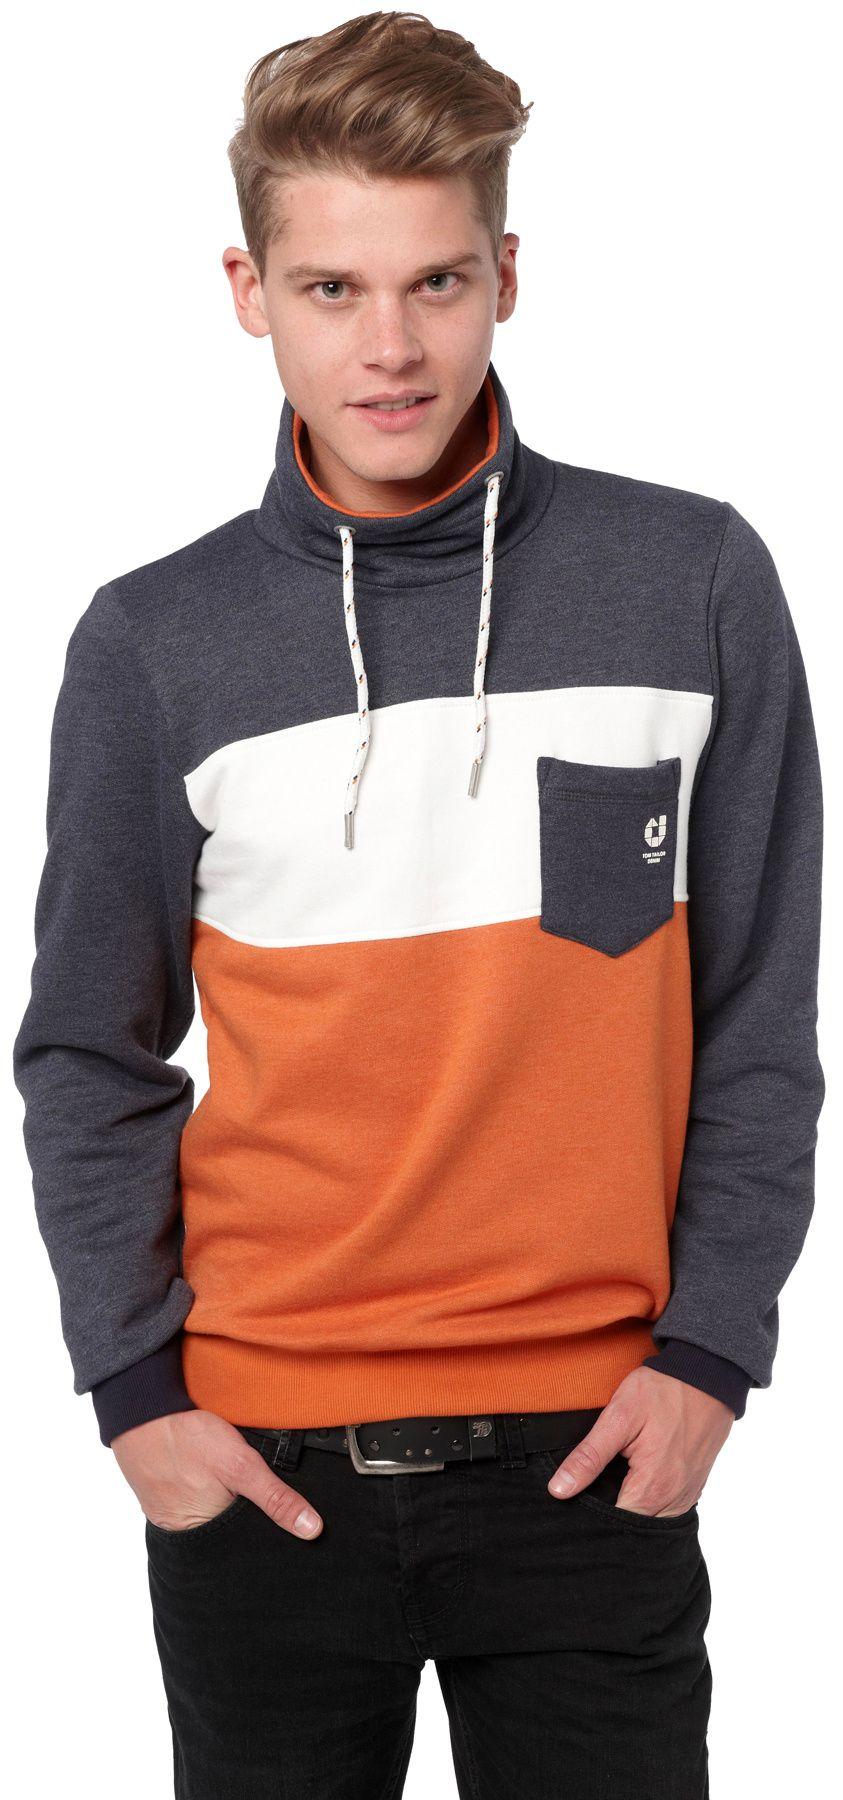 Short Sleeved From Tom Tailor Order Short Sleeved Online Now Mens Sweatshirts Hoodie Hoodies Men Tom Tailor